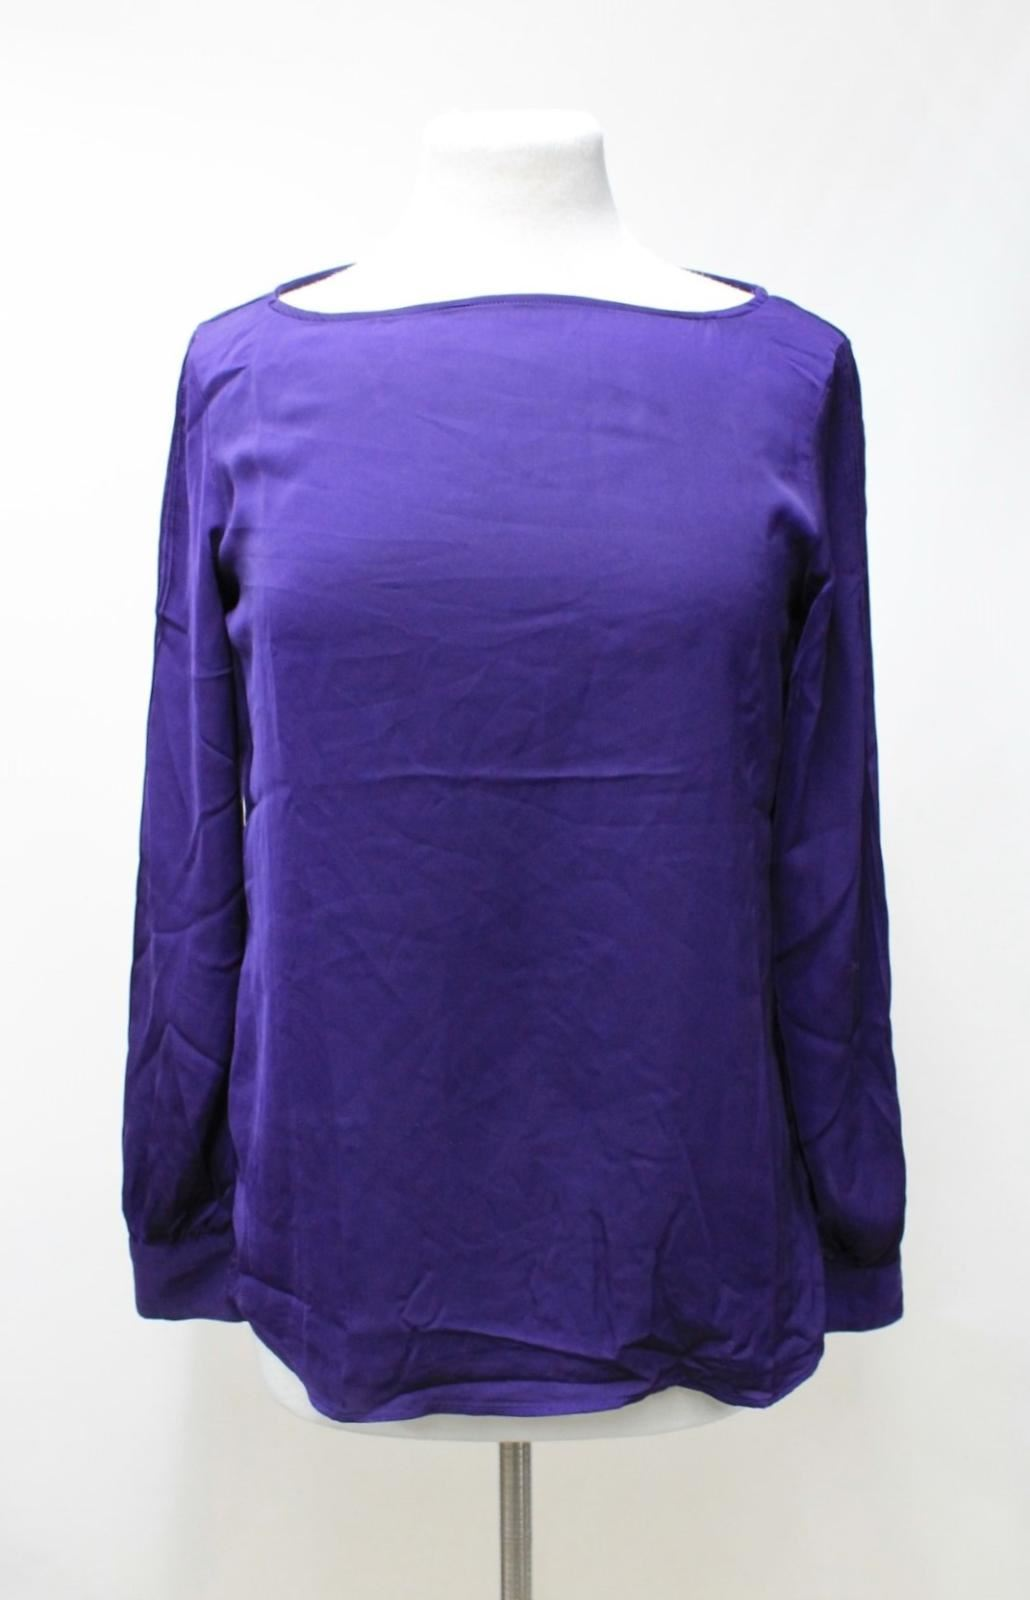 LAUREN-BY-RALPH-LAUREN-Ladies-Purple-Satin-Pleated-Sleeve-Round-Neck-Top-S